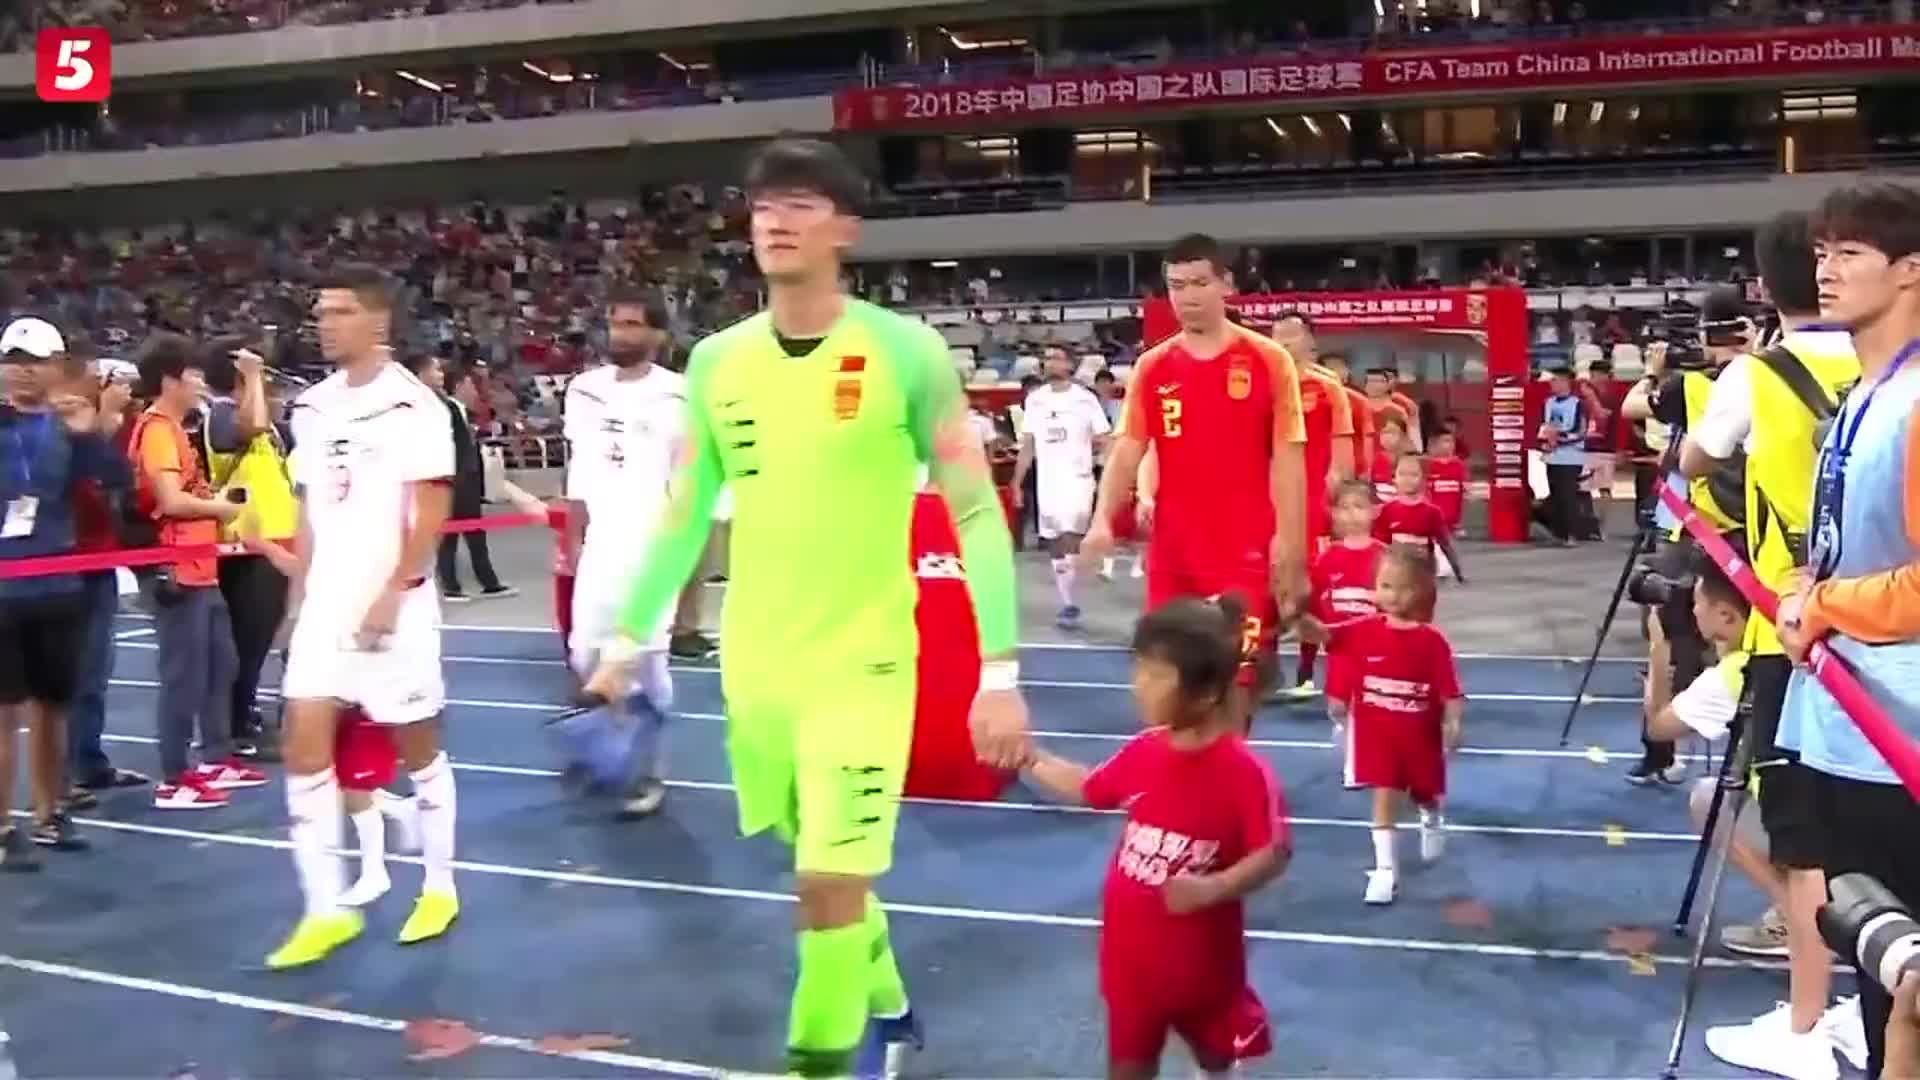 [视频]热身赛:末战巴勒斯坦平局收官 国足放眼亚洲杯